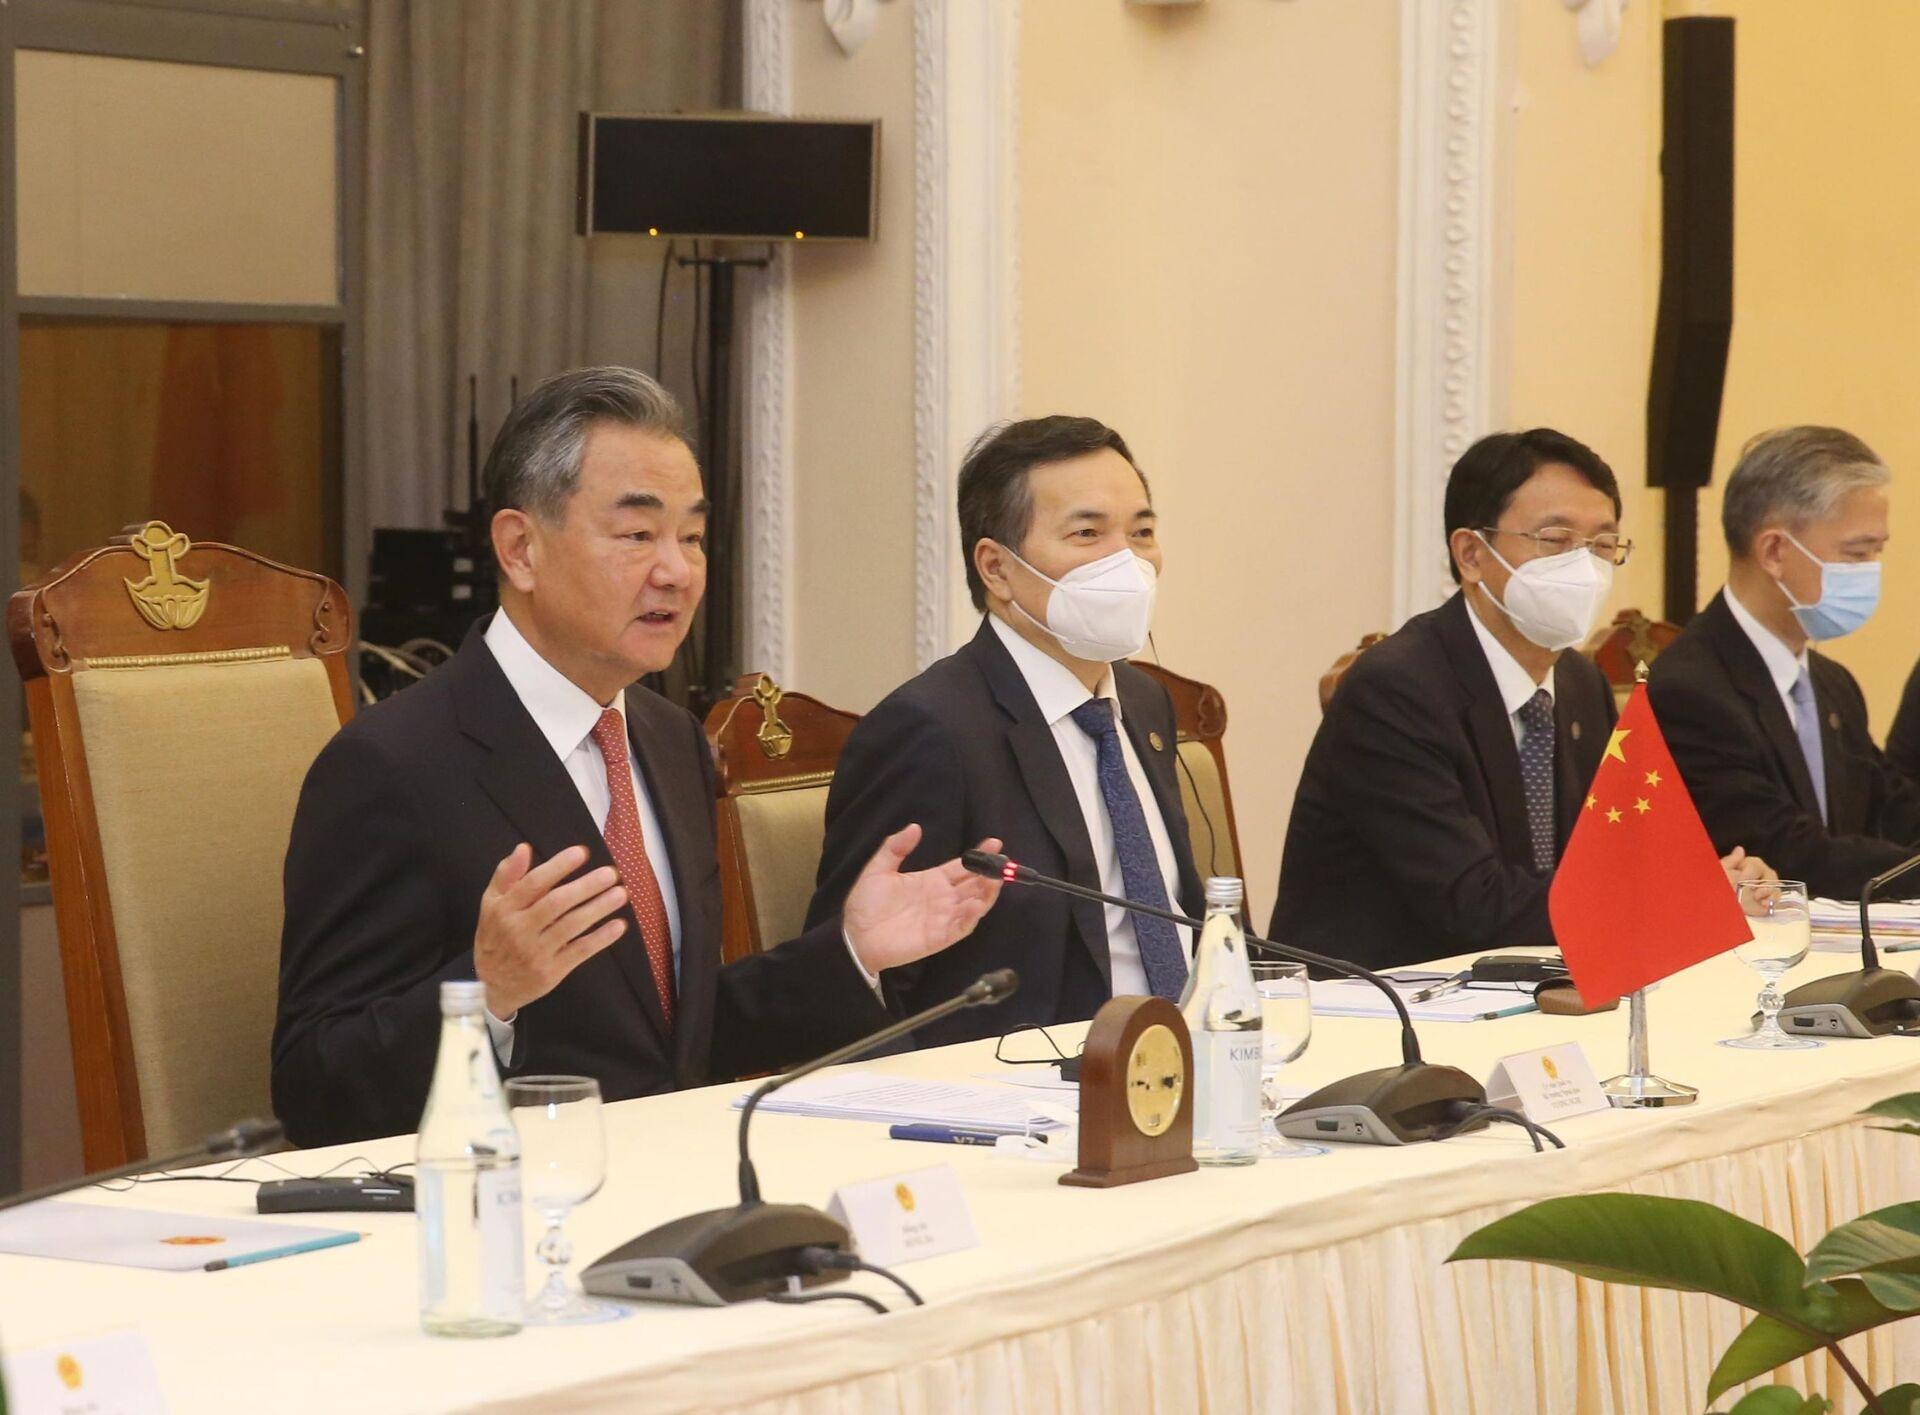 Bộ trưởng Ngoại giao Trung Quốc Vương Nghị phát biểu tại cuộc hội đàm với Bộ trưởng Ngoại giao Bùi Thanh Sơn. - Sputnik Việt Nam, 1920, 05.10.2021